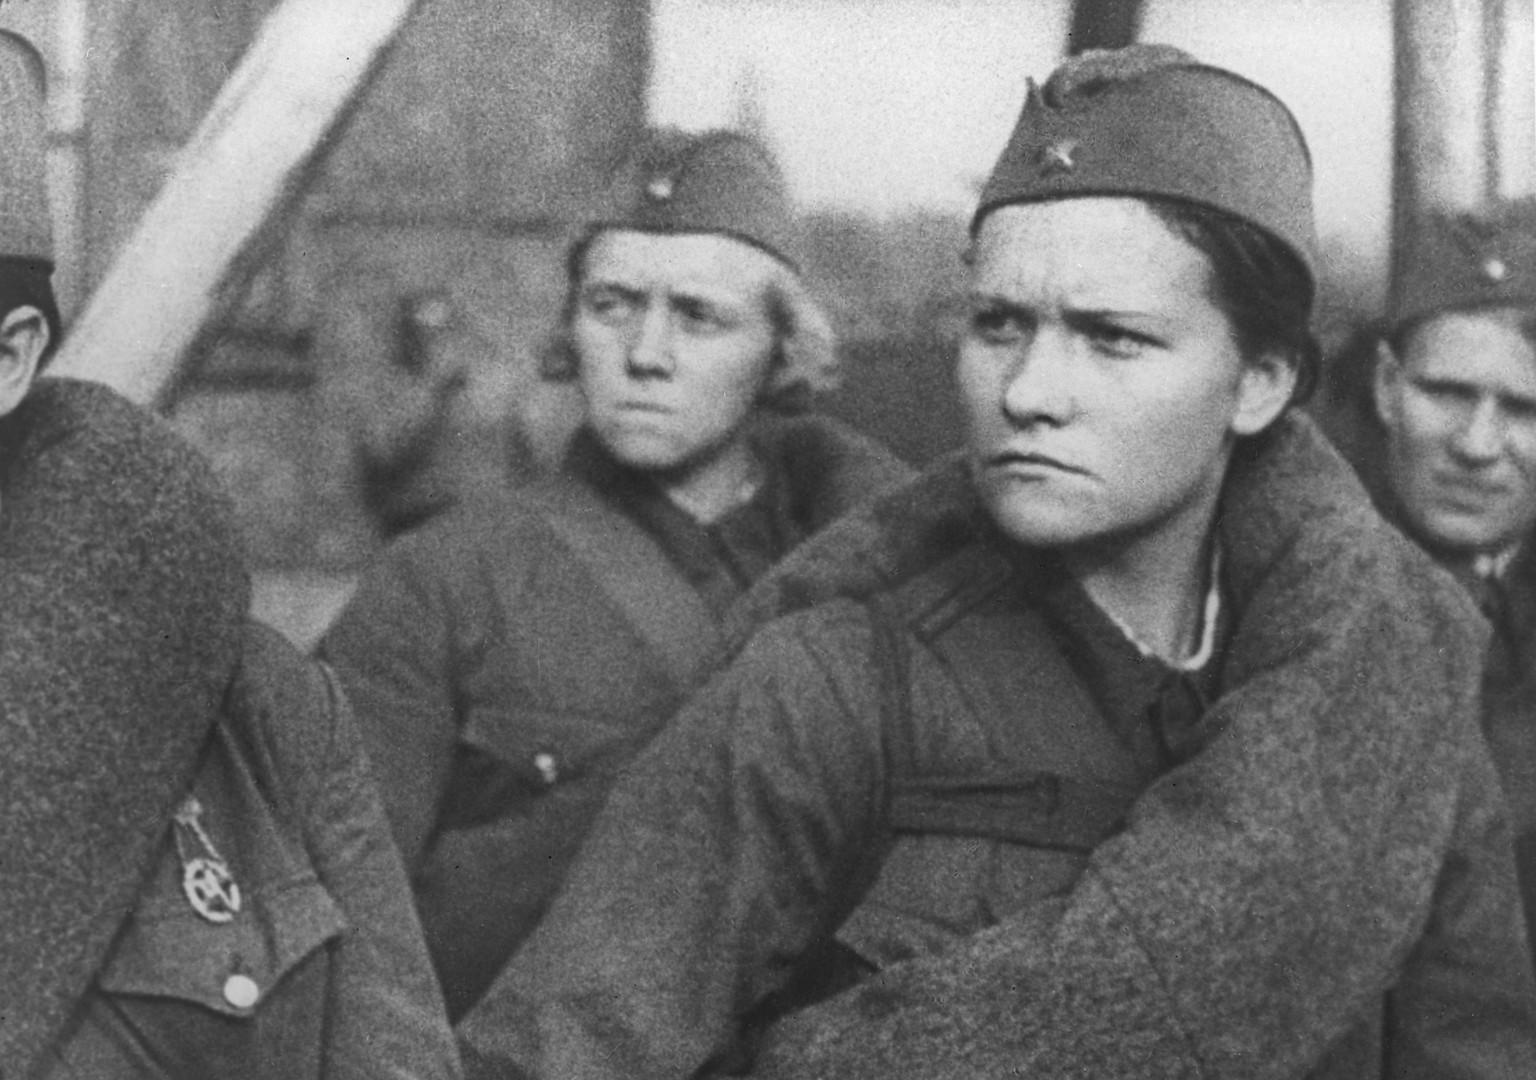 Viele Frauen wurden im Laufe des Krieges auf gleicher Ebene wie die Männer ausgebildet. Insgesamt absolvierten ungefähr zehn Millionen Sowjetbürger die allgemeine Kriegsausbildung.